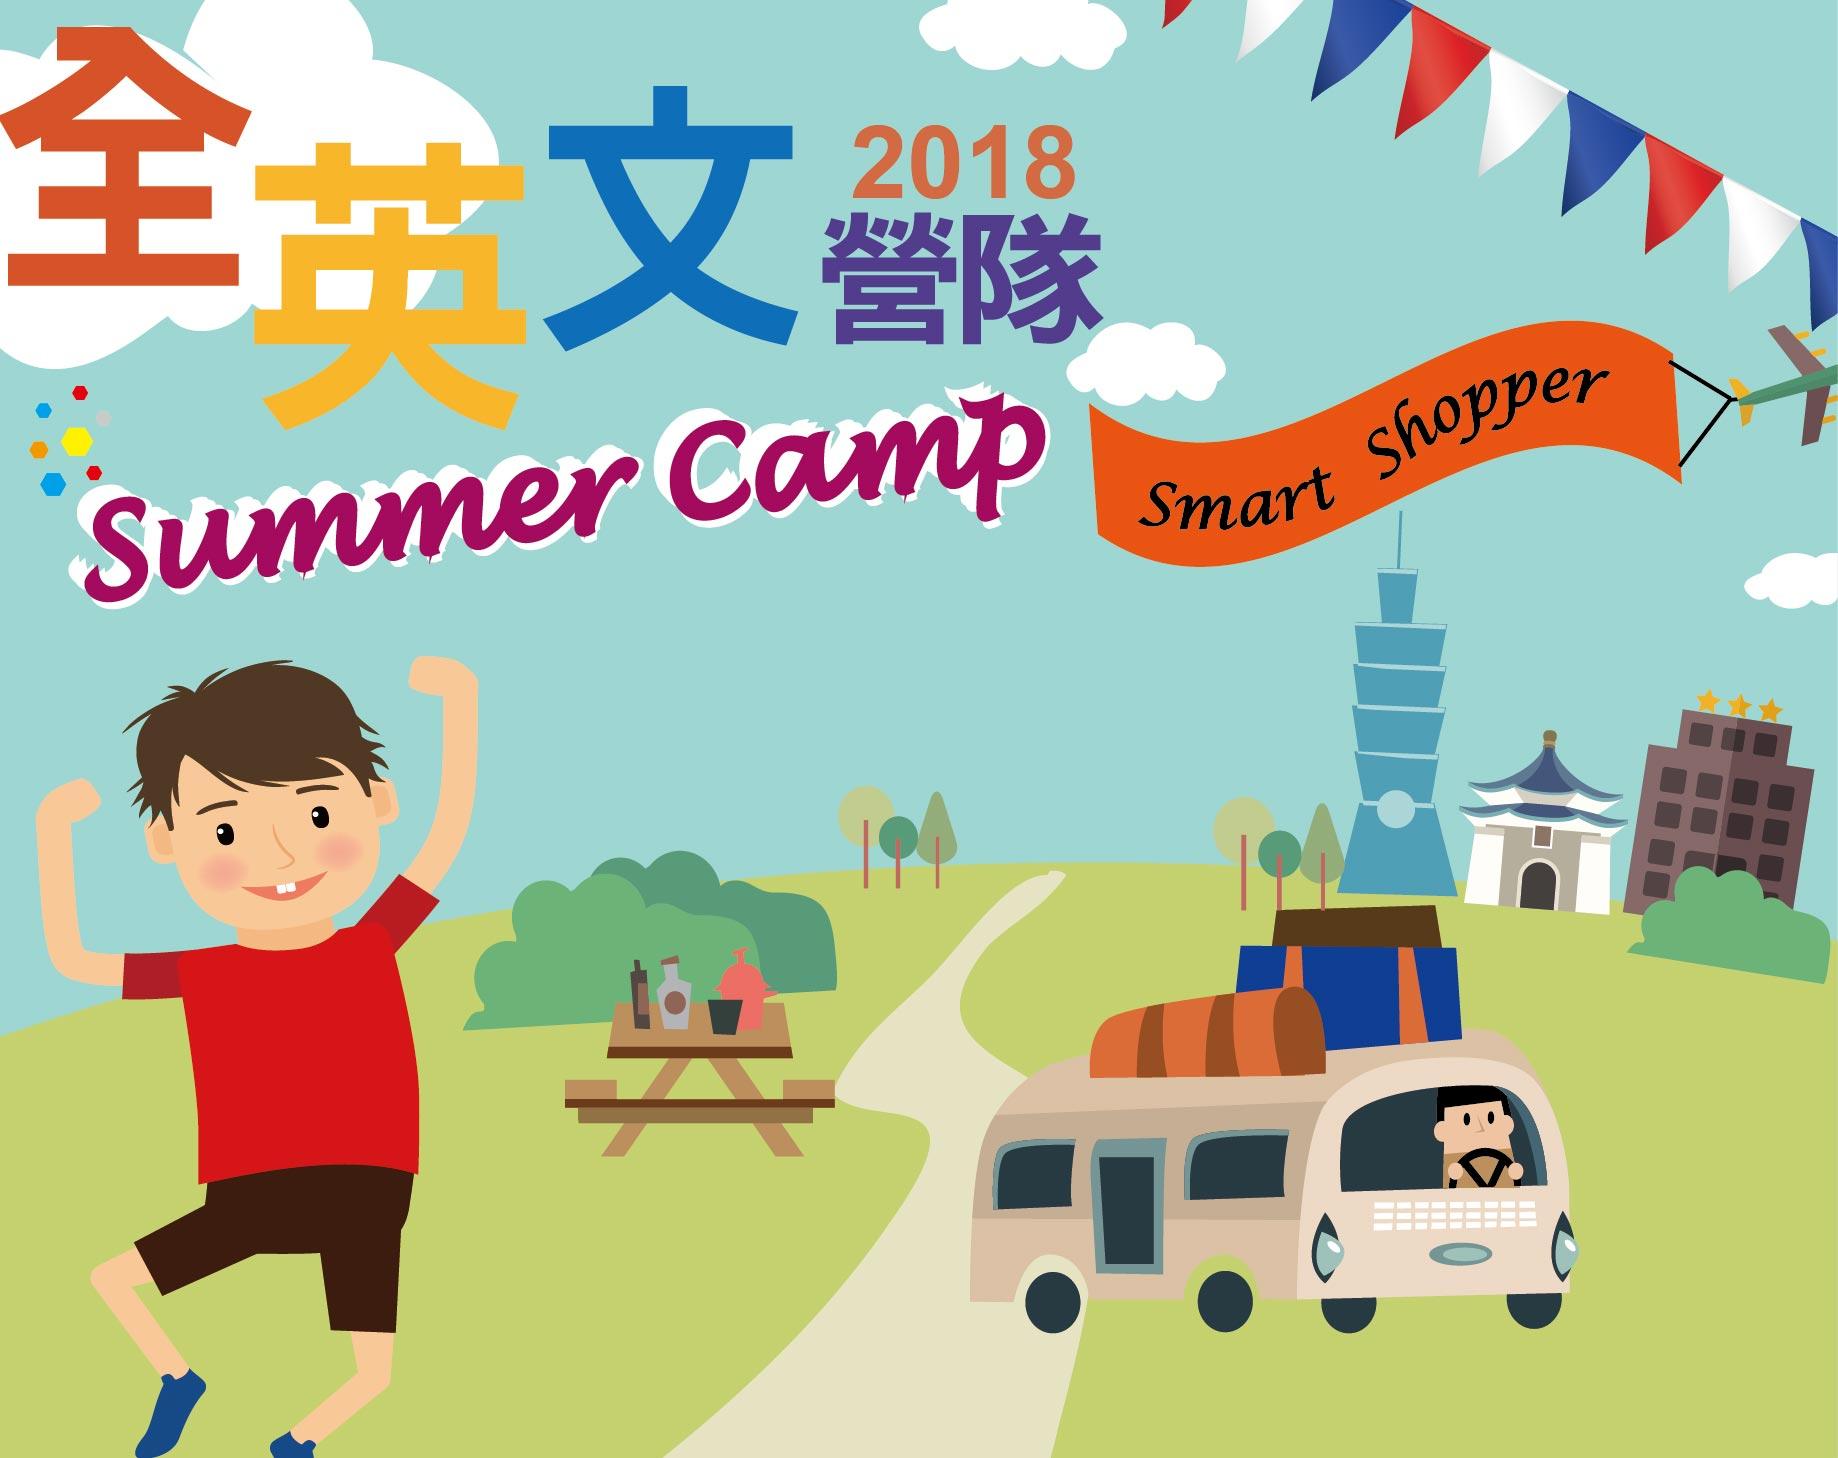 2018 夏令營 Smart Shopper